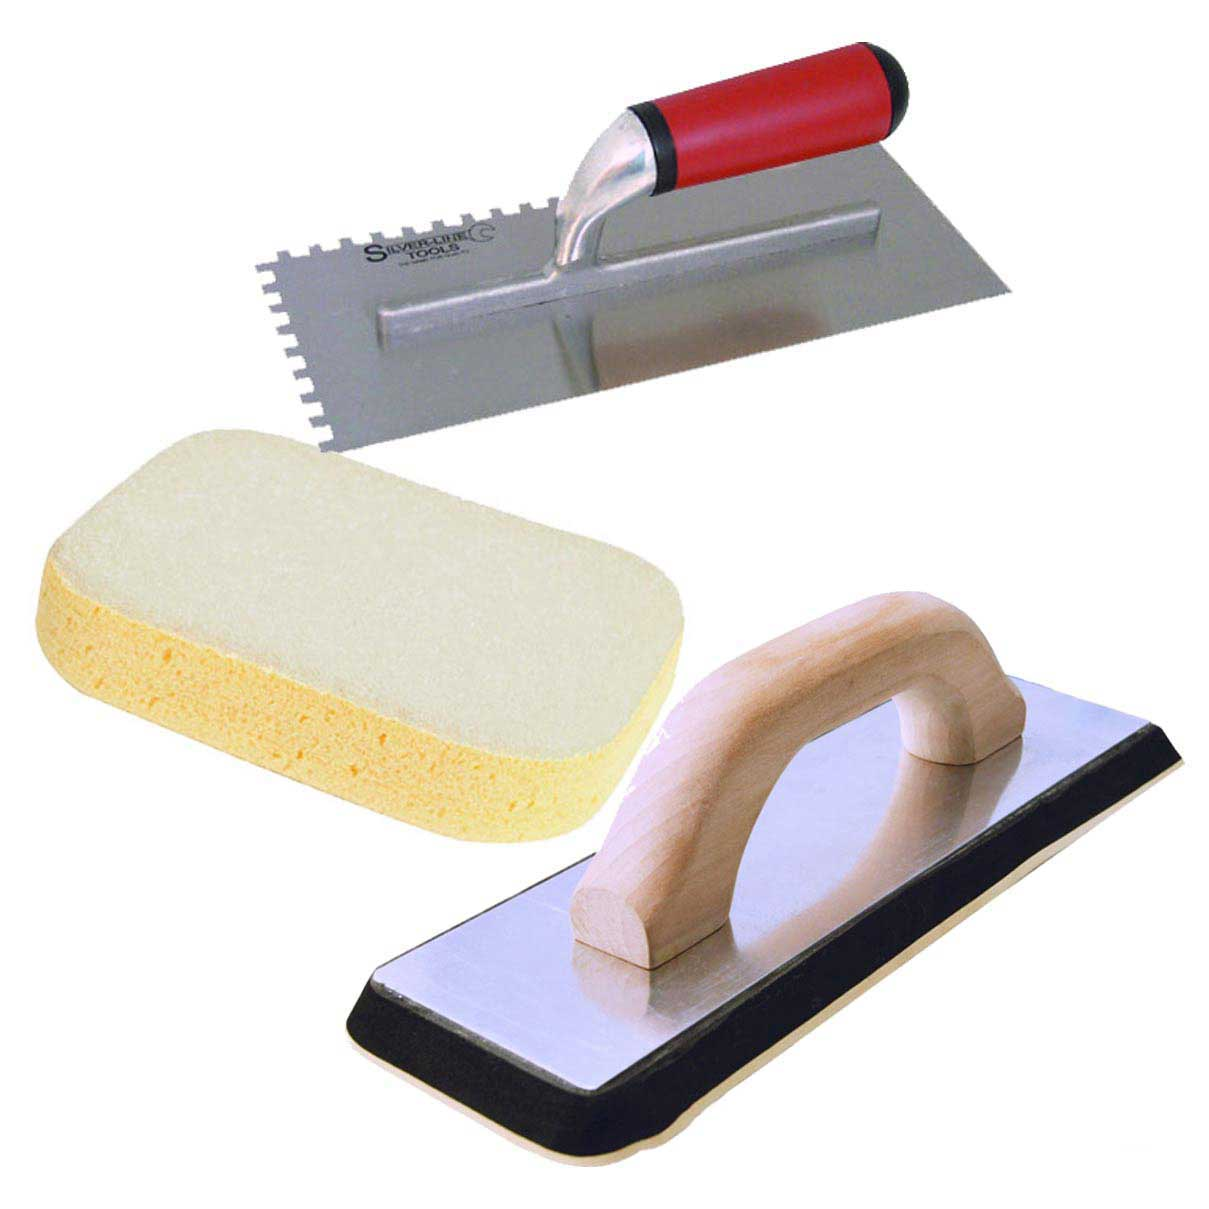 Tilers Tool Kit Grout Float Tile Tiling Sponge Amp Trowel